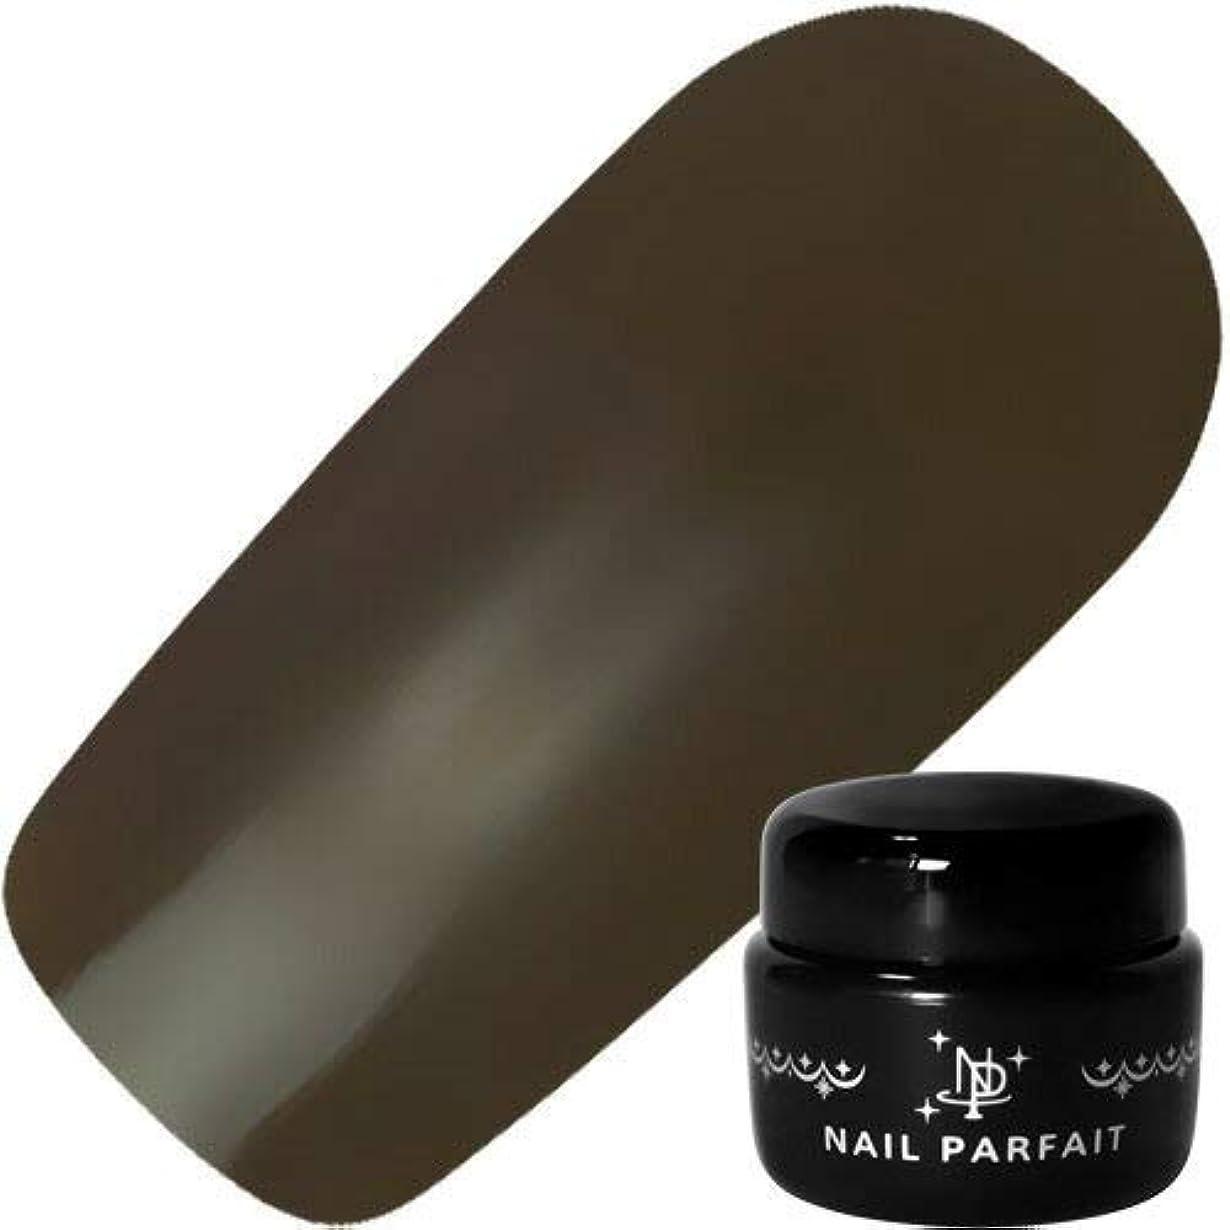 ヒゲ代表ヶ月目NAIL PARFAIT ネイルパフェ カラージェル T02 トールブラウン 2g 【ジェル/カラージェル?ネイル用品】